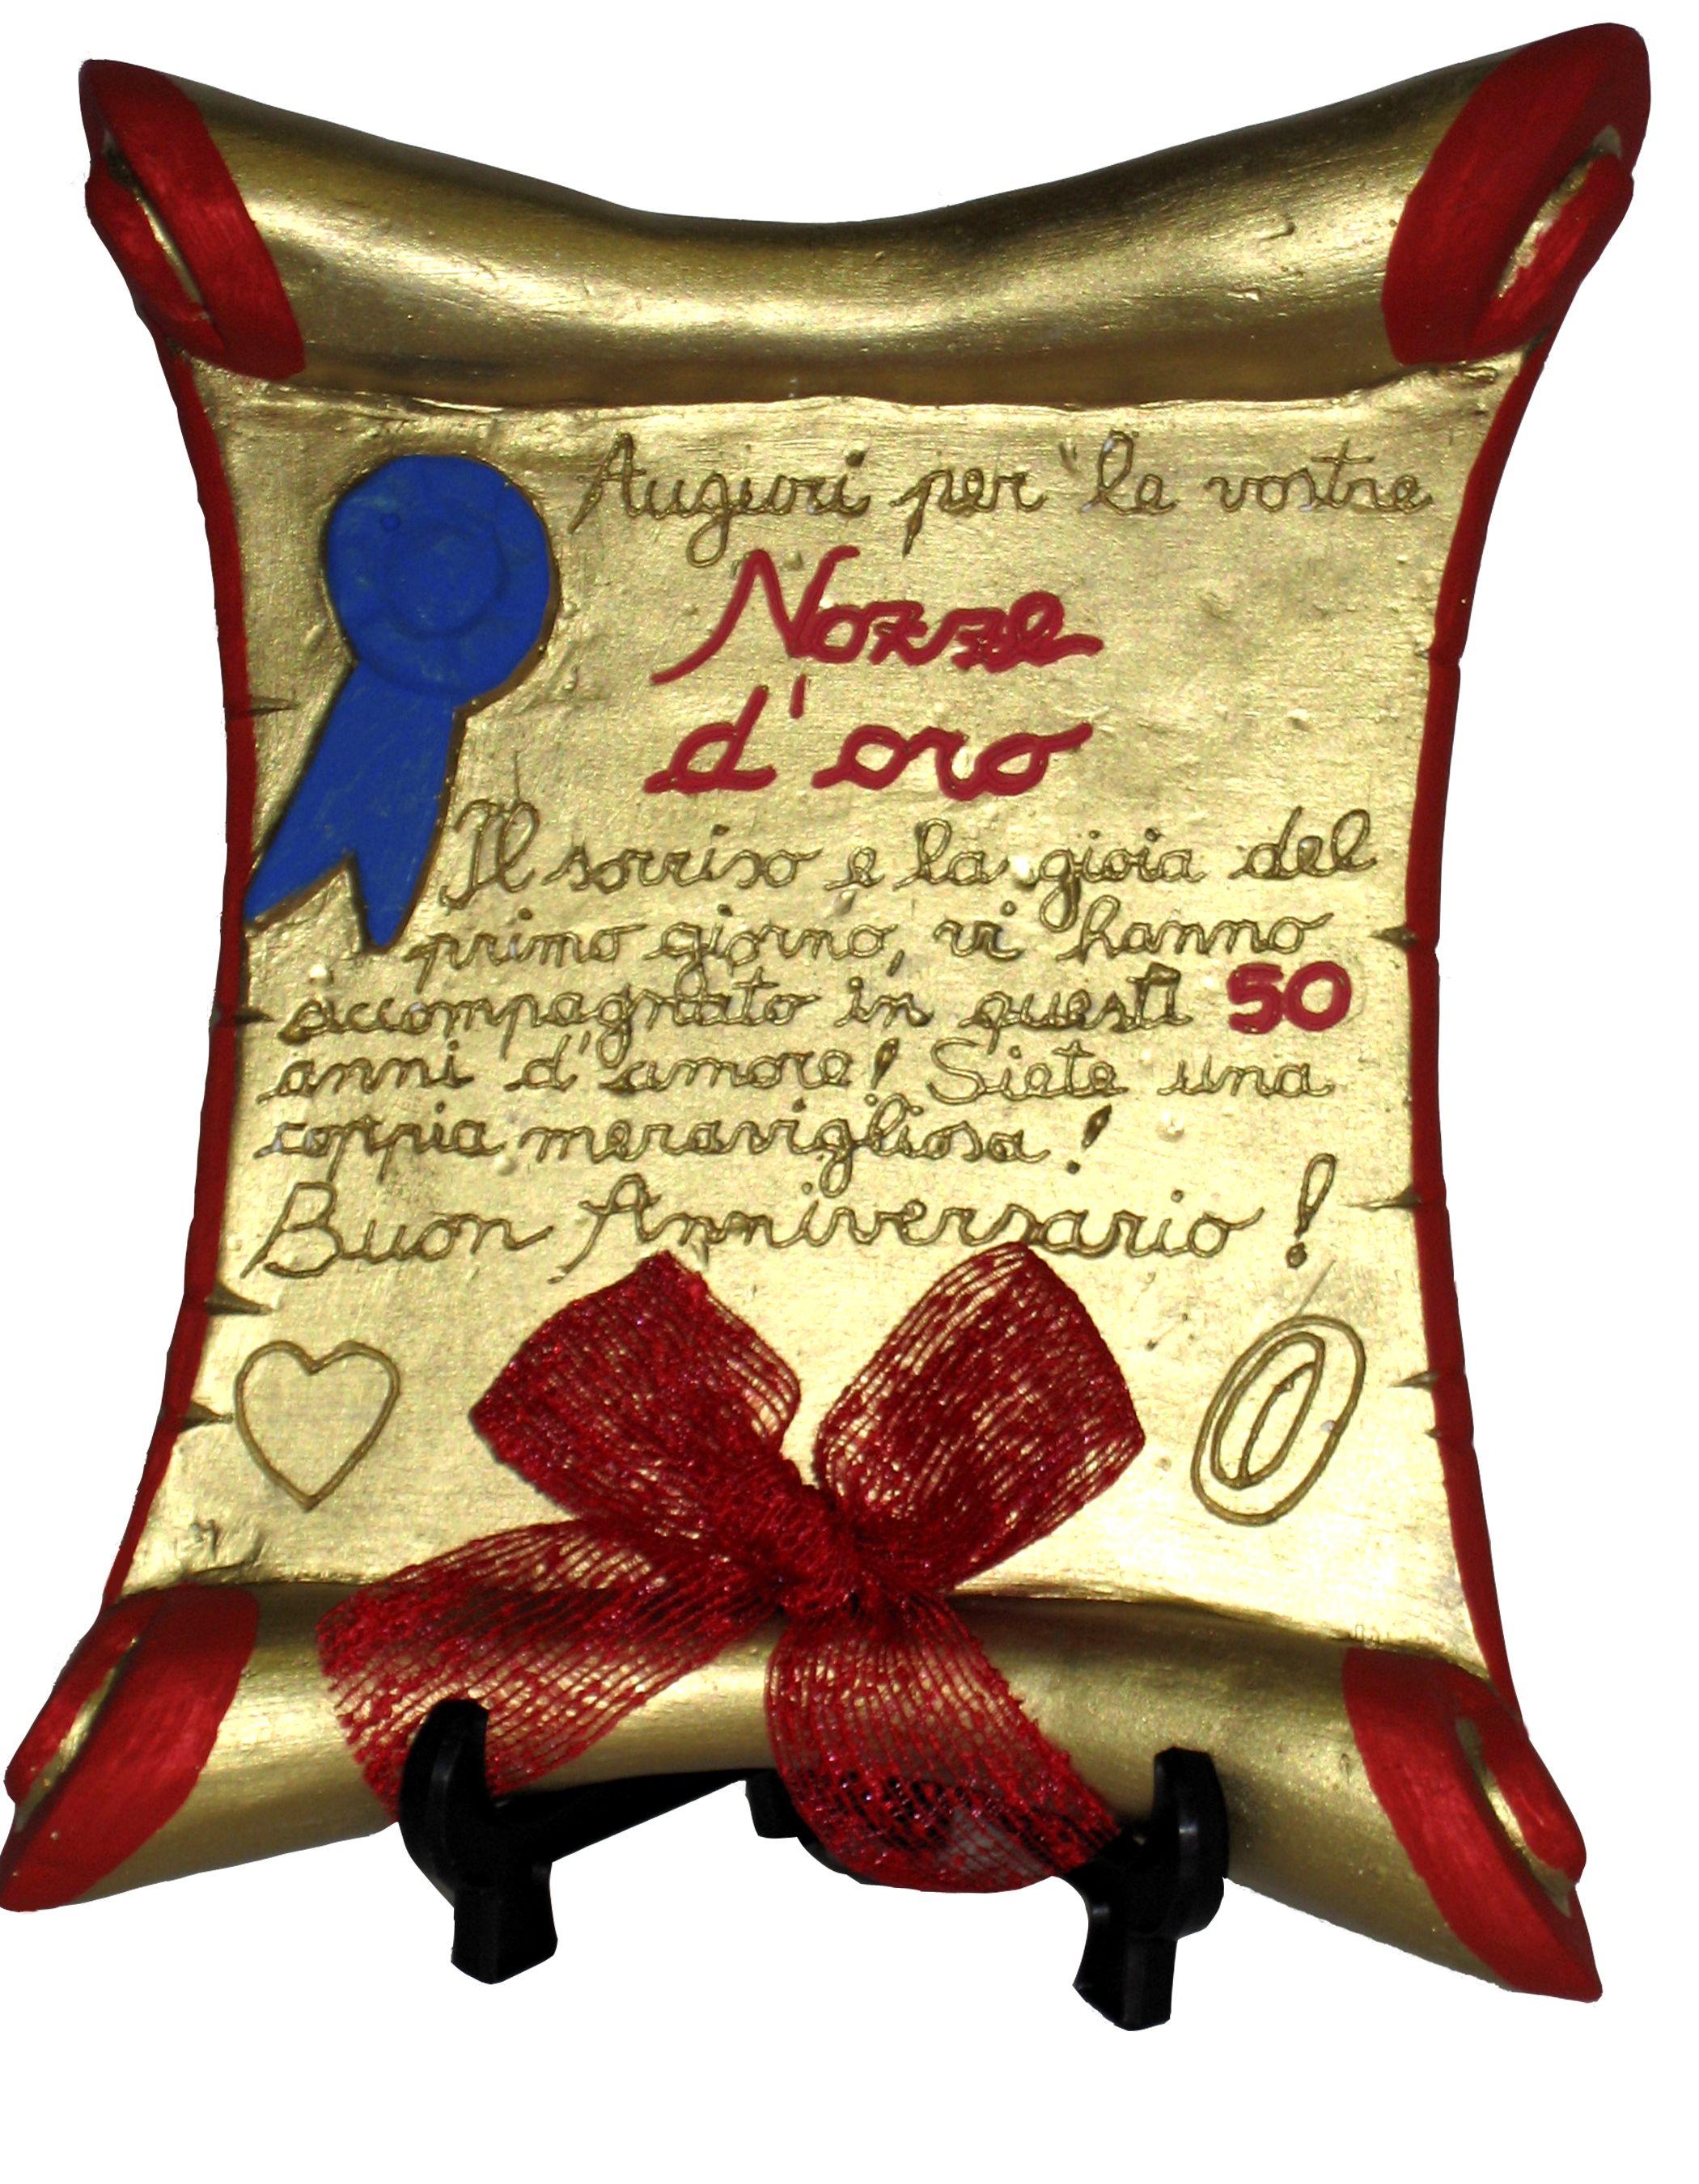 Anniversario Matrimonio Oro.Pergamena Resina Anniversario Nozze D Oro Prodotti E Articoli